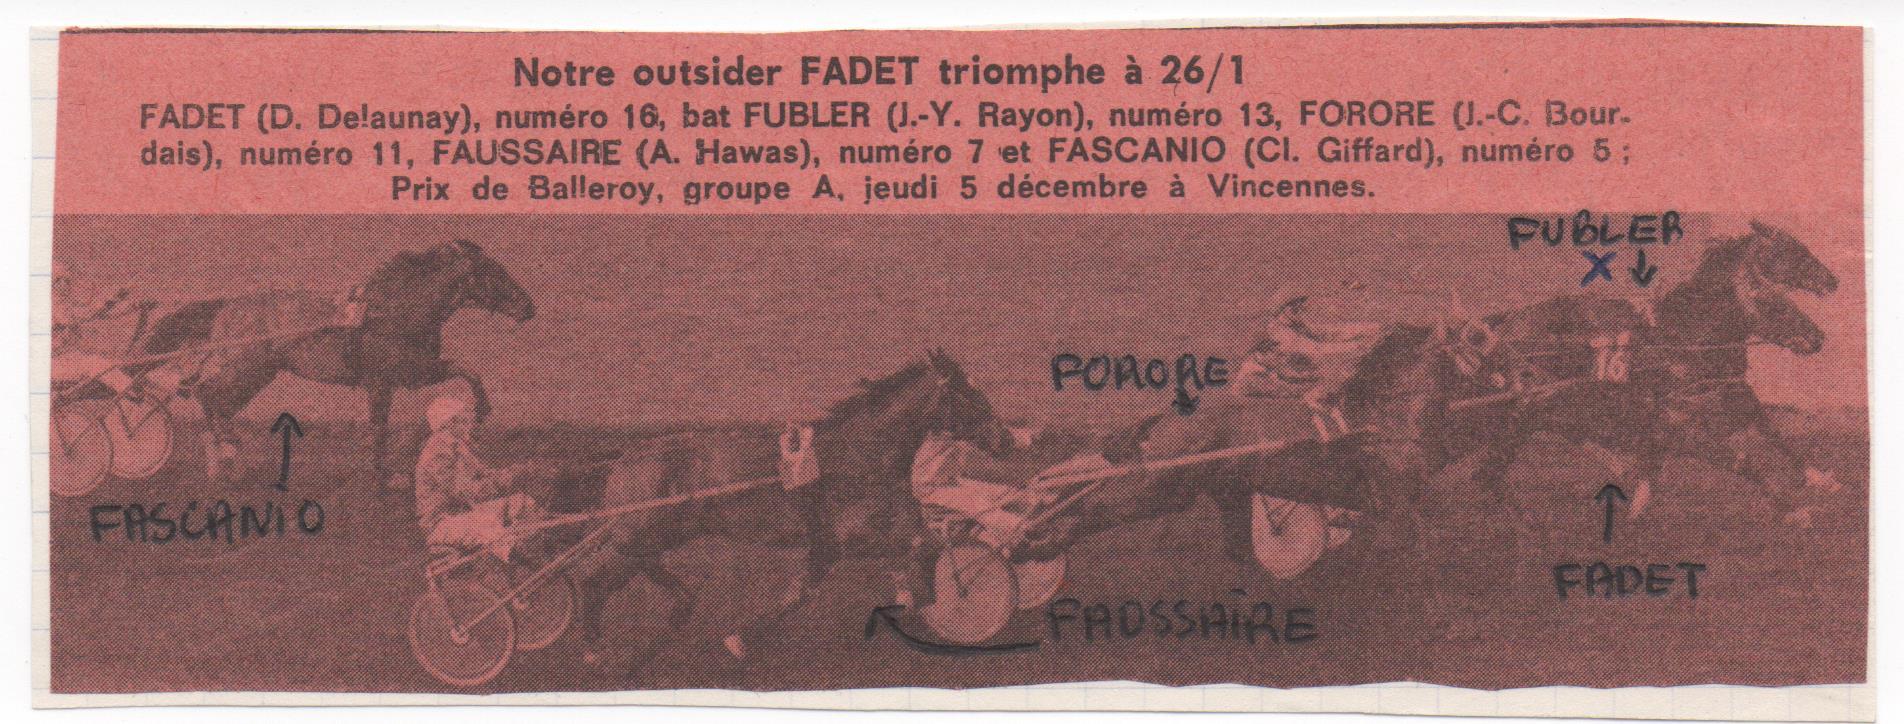 1977 Fubler